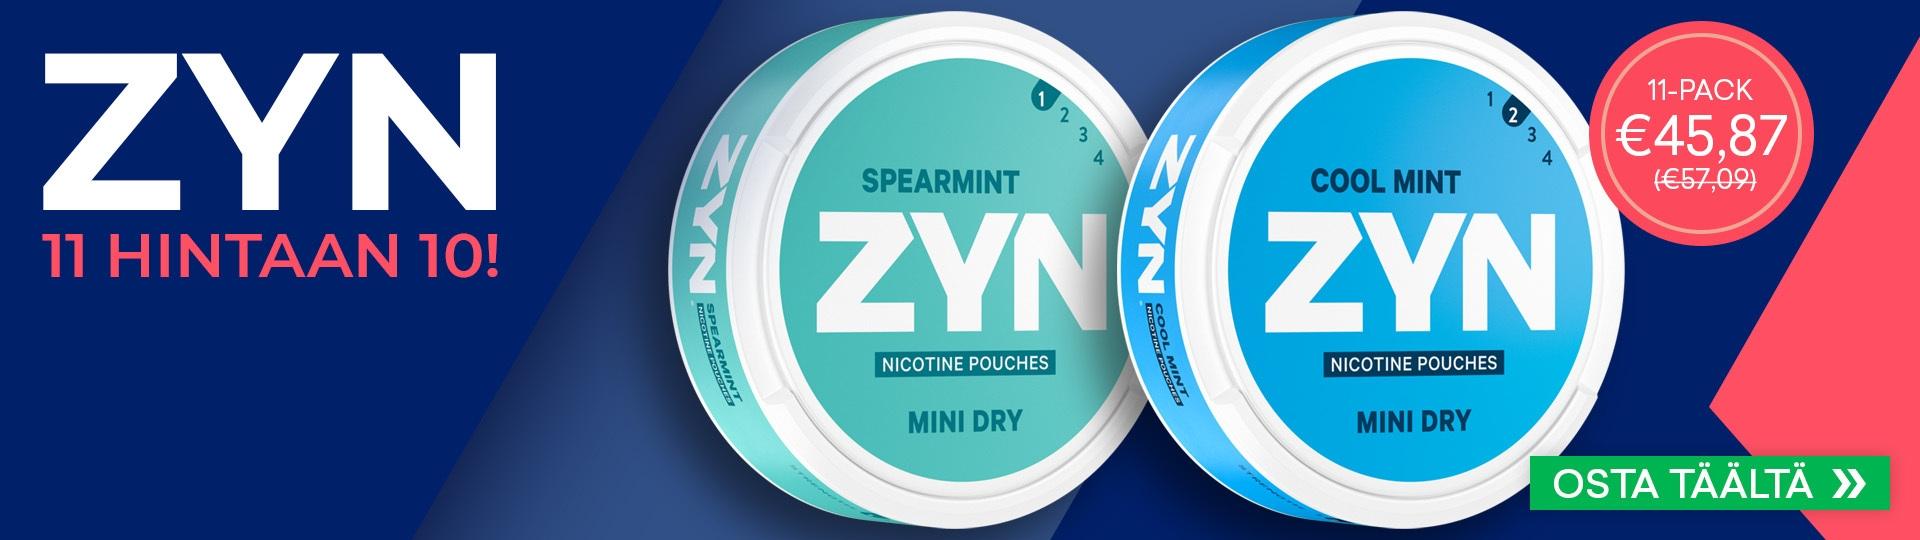 ZYN 11 for 10